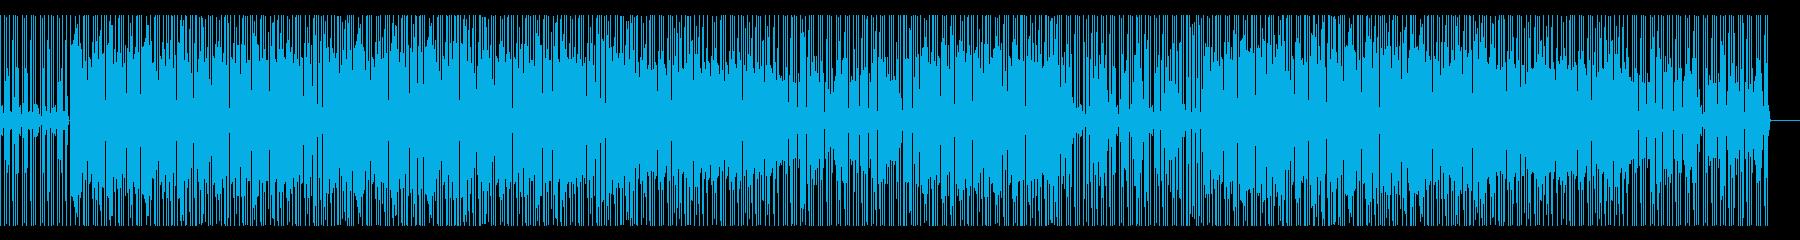 キレのあるホーンセクション・ファンク曲の再生済みの波形